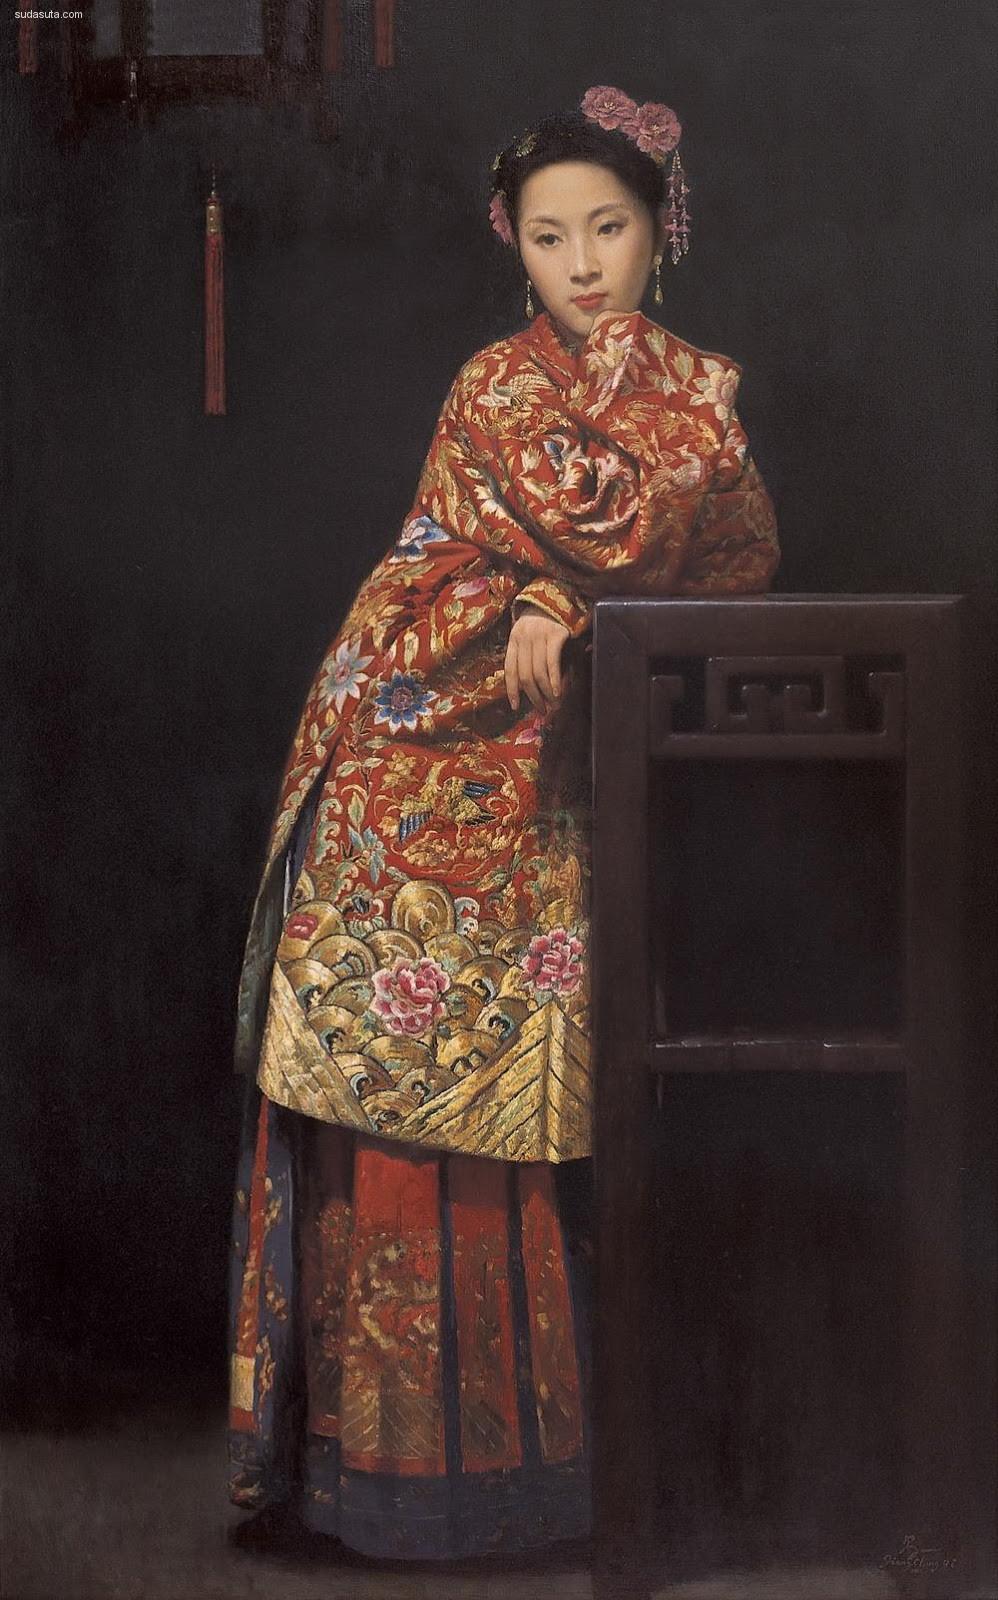 蒋昌一 Jiang Changyi 肖像插画欣赏